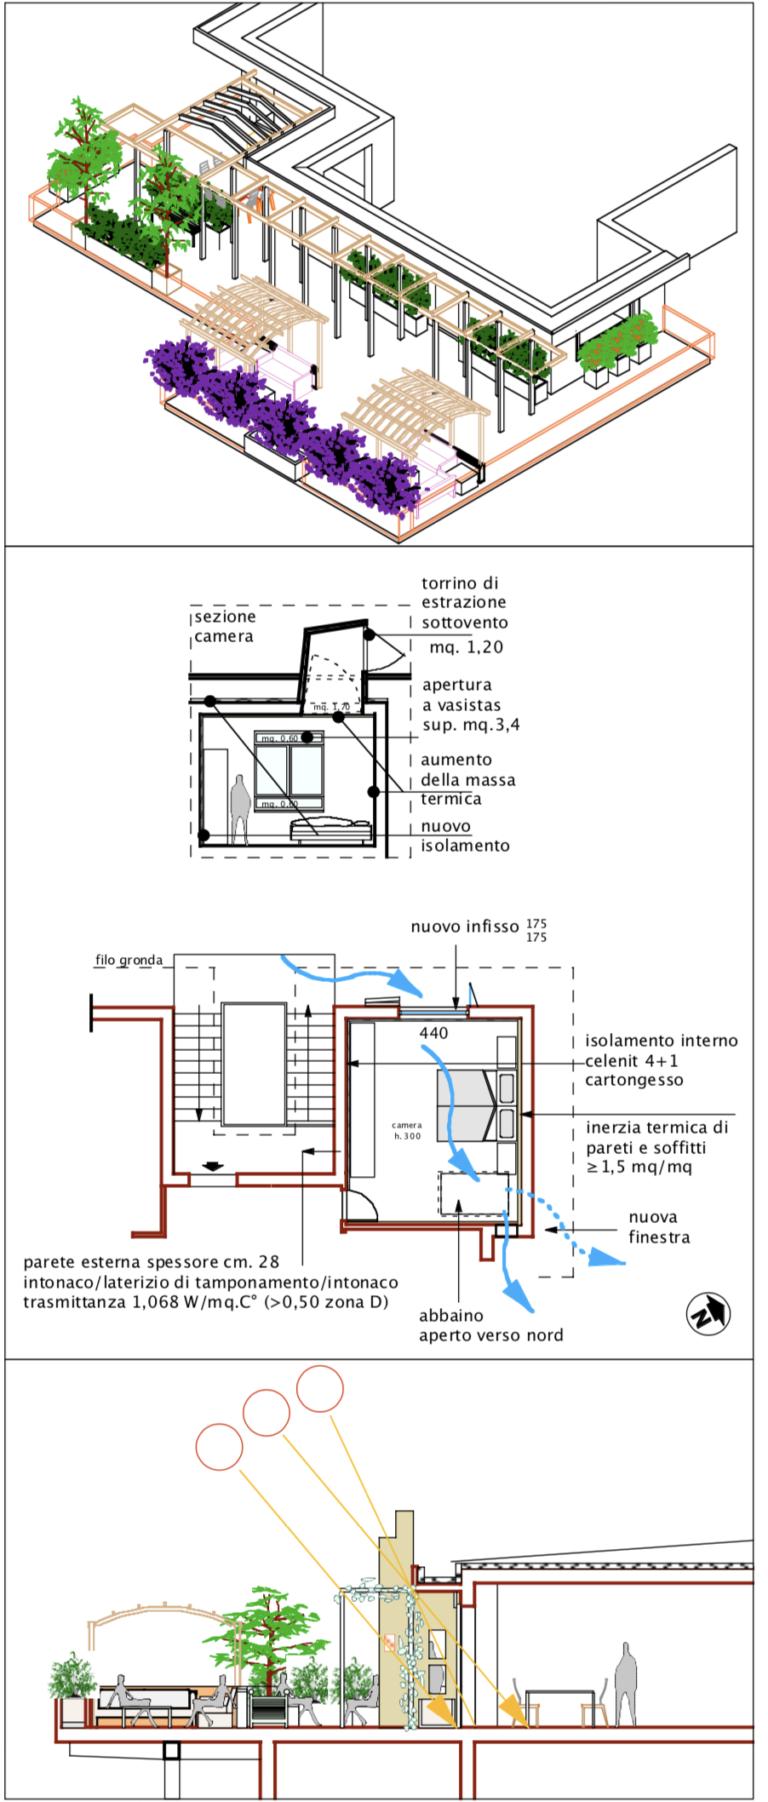 Progetto di raffrescamento passivo in un attico a Prato